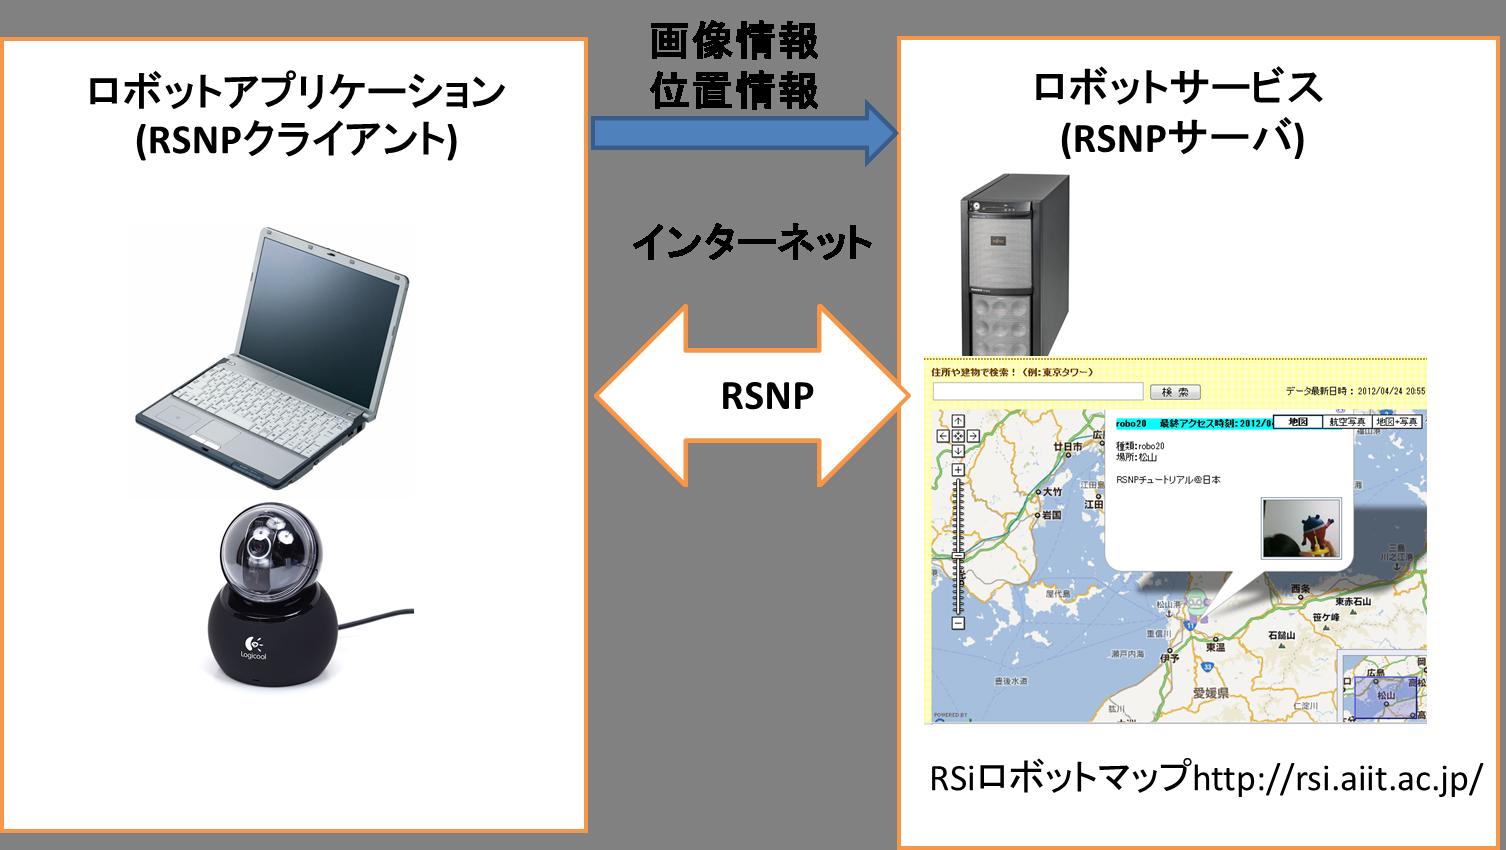 ロボットアプリケーション(RSNPクライアント)の作成